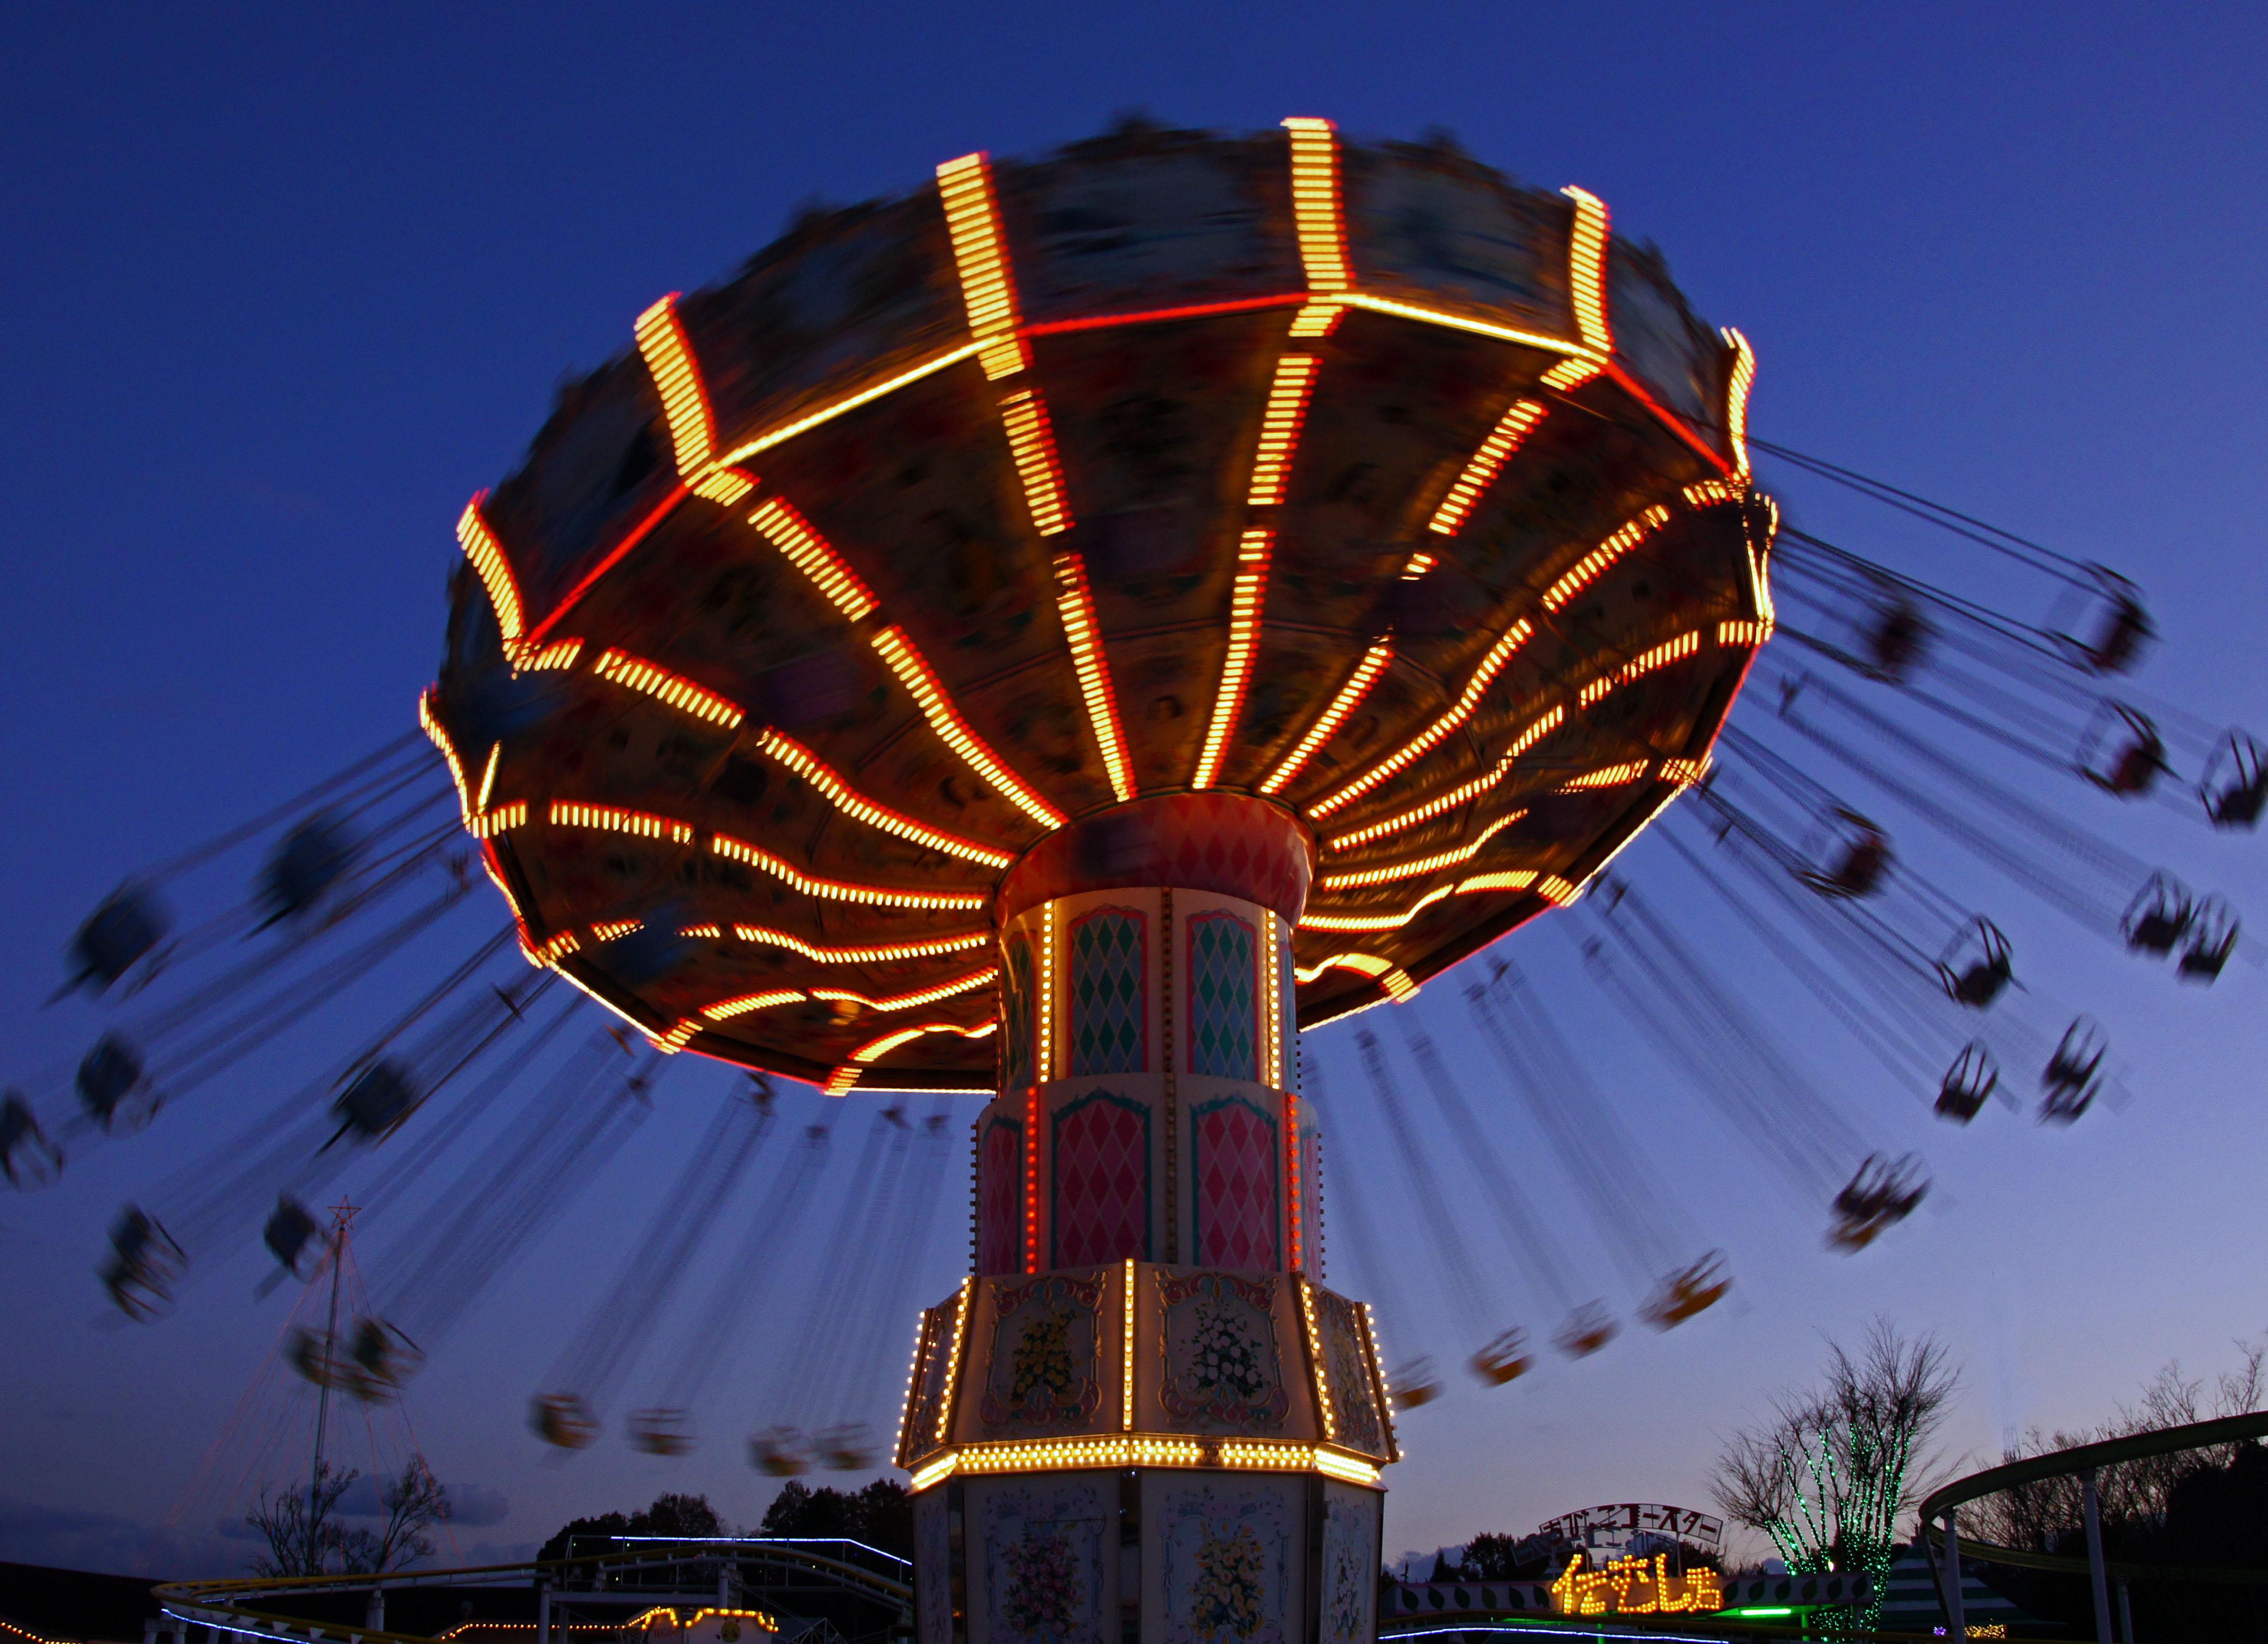 光のテーマパークみろくの里「星空の下の遊園地vol.4」光の中で乗って遊べるアトラクションが15種類!